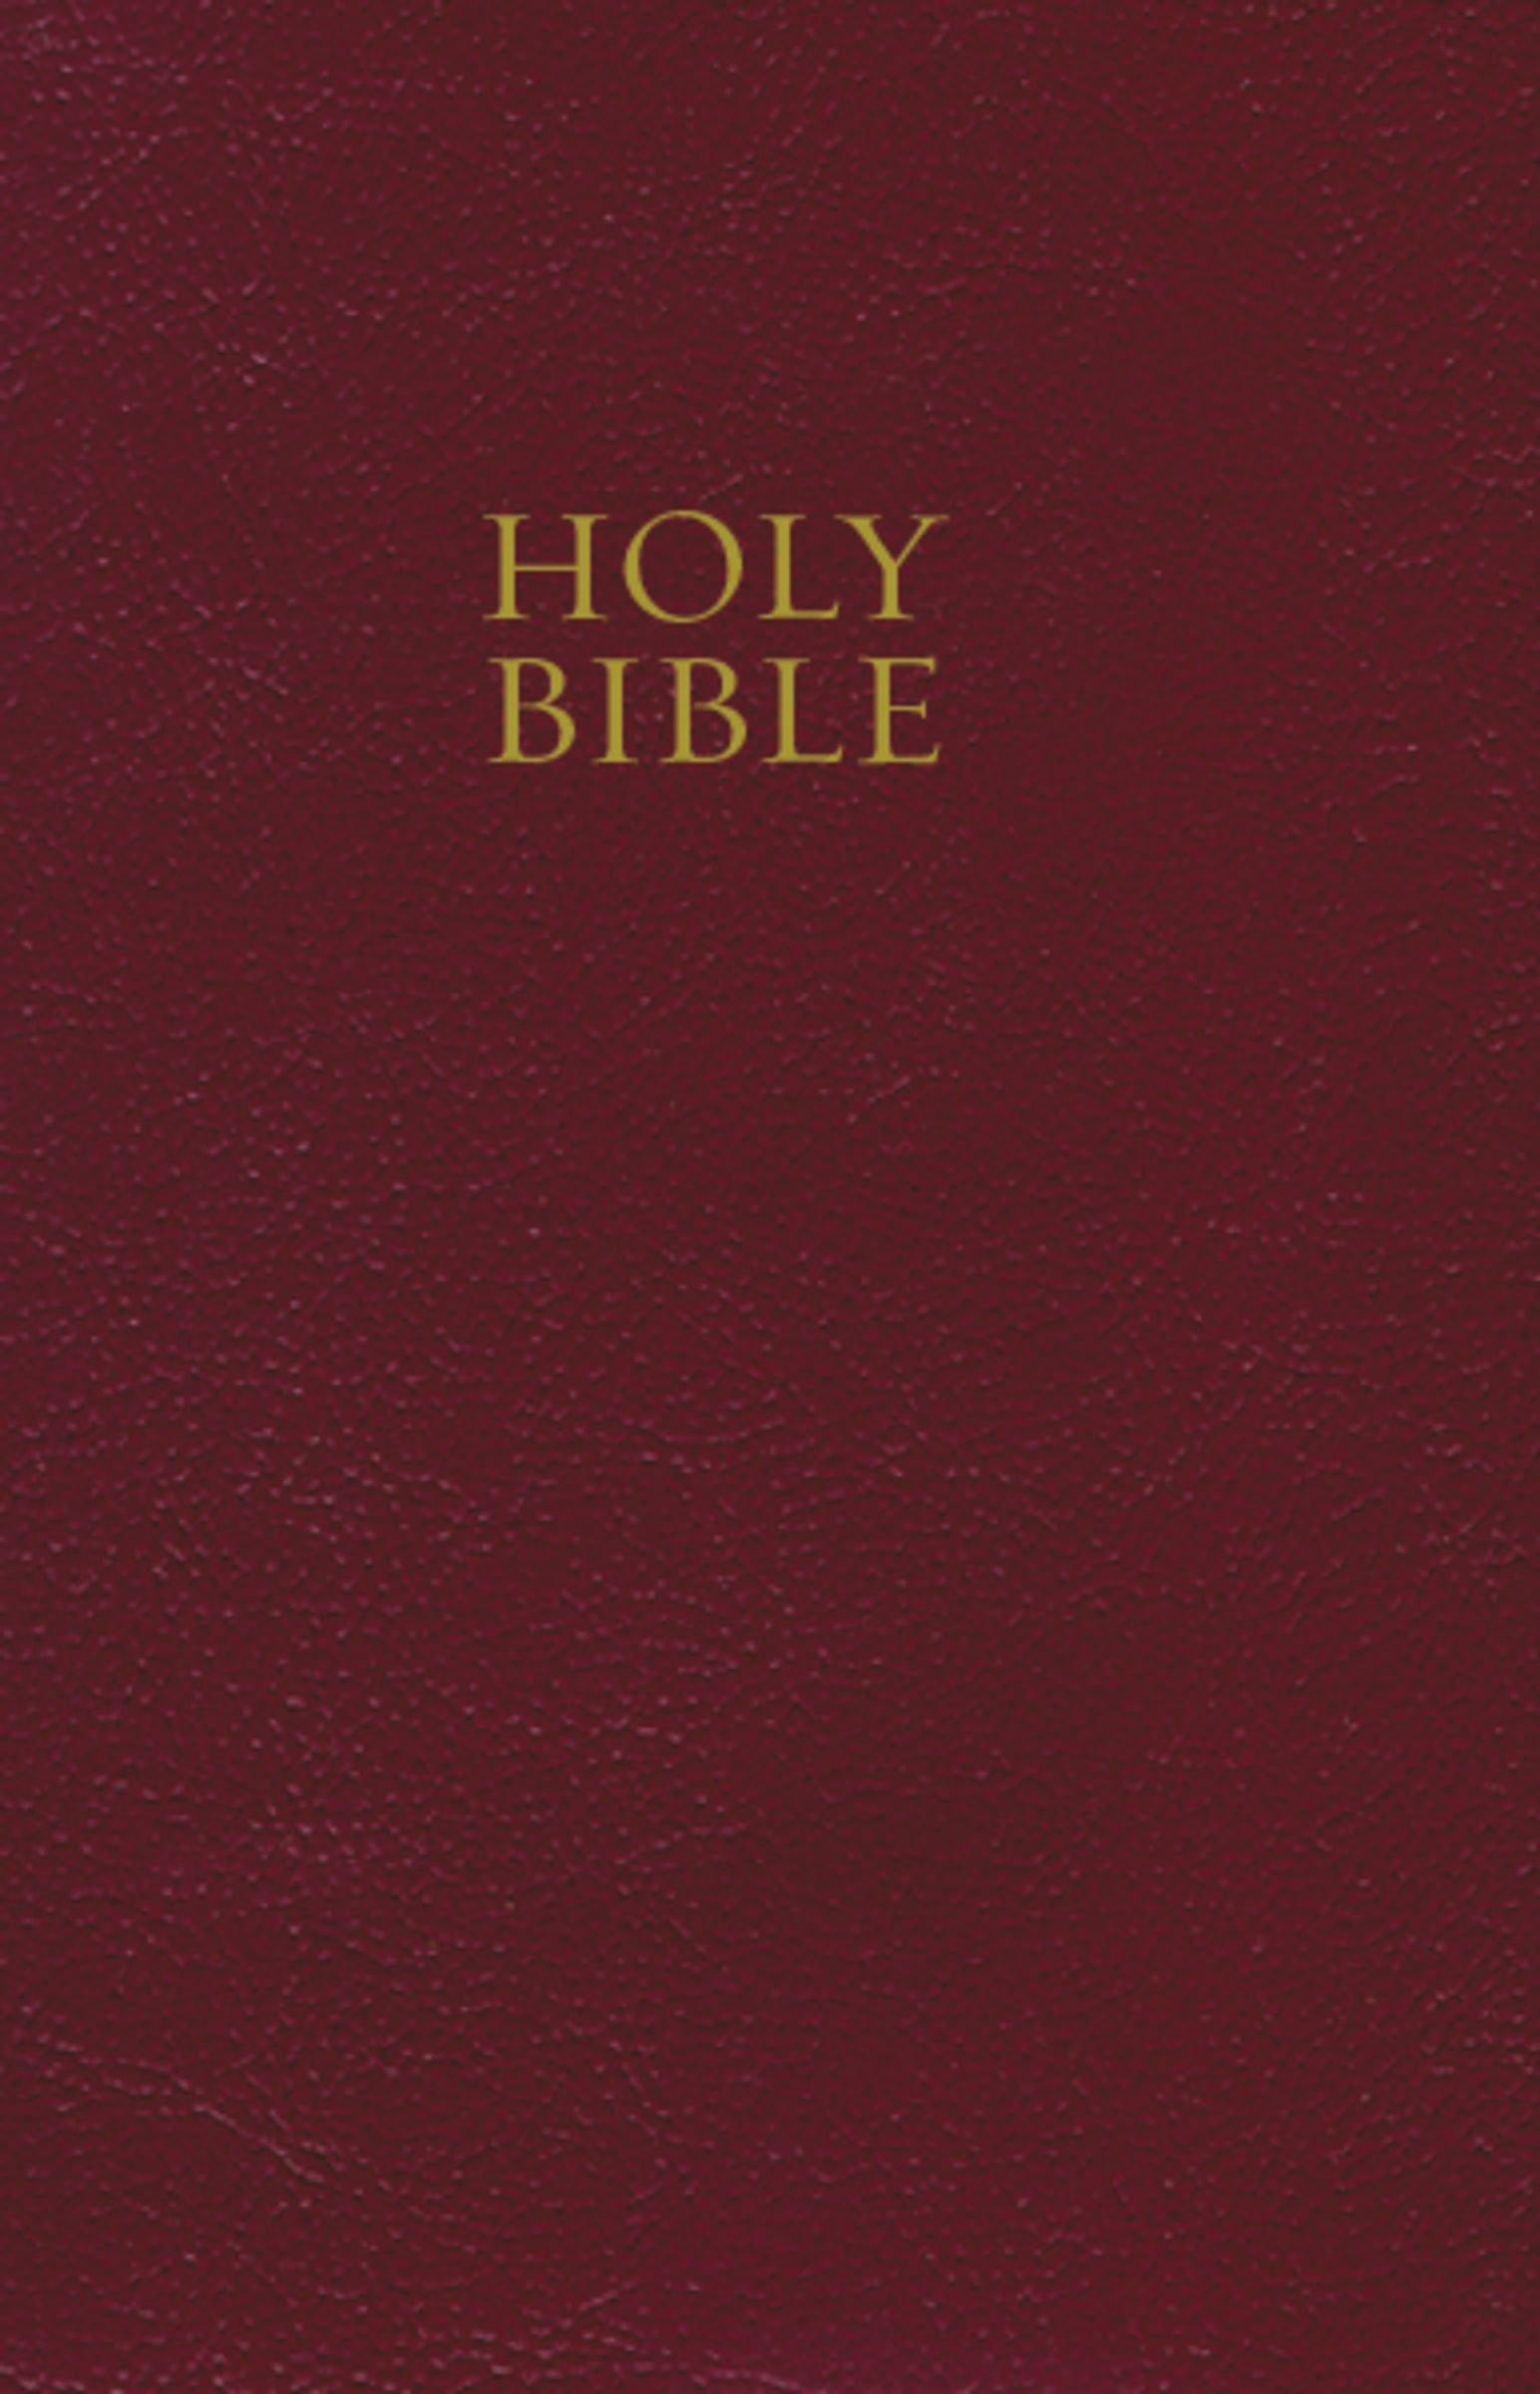 Holy Bible [NKJV]: Amazon.co.uk: Thomas Nelson Publishers ...